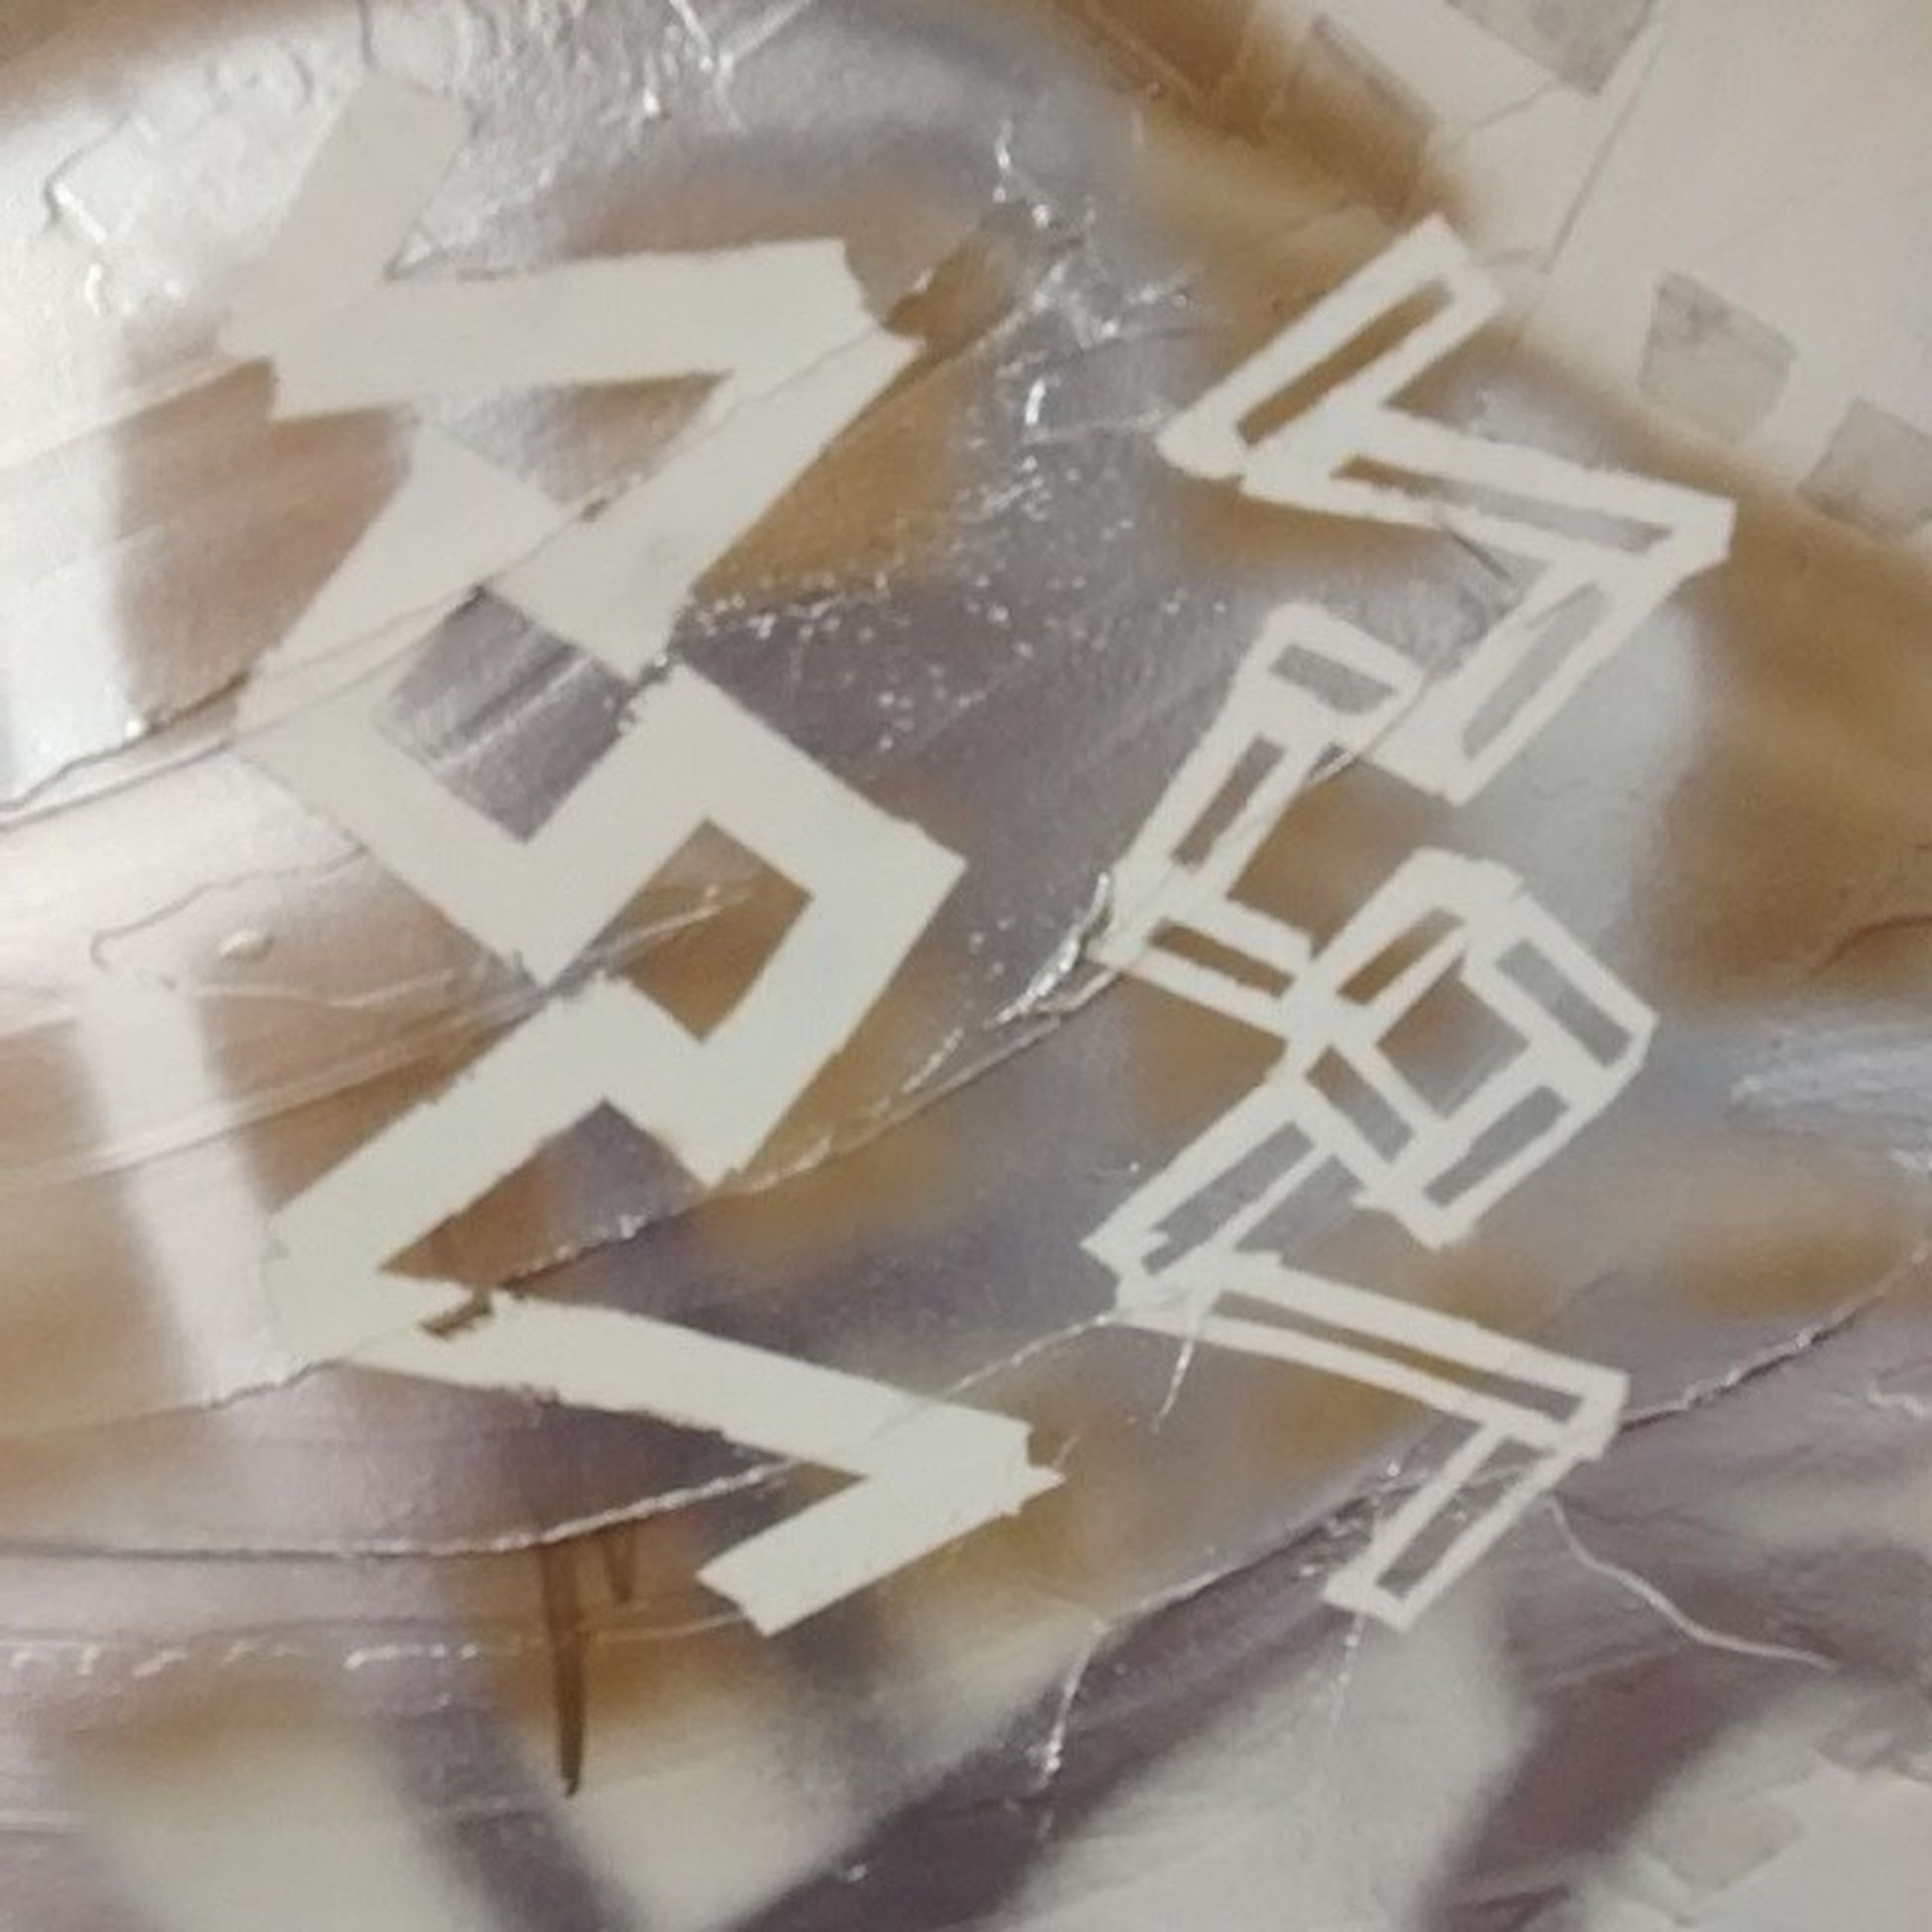 Grafitt Jrsrj Portoseguro Espacomacunaima estelachaves art kunst white golden silver bliss thanks